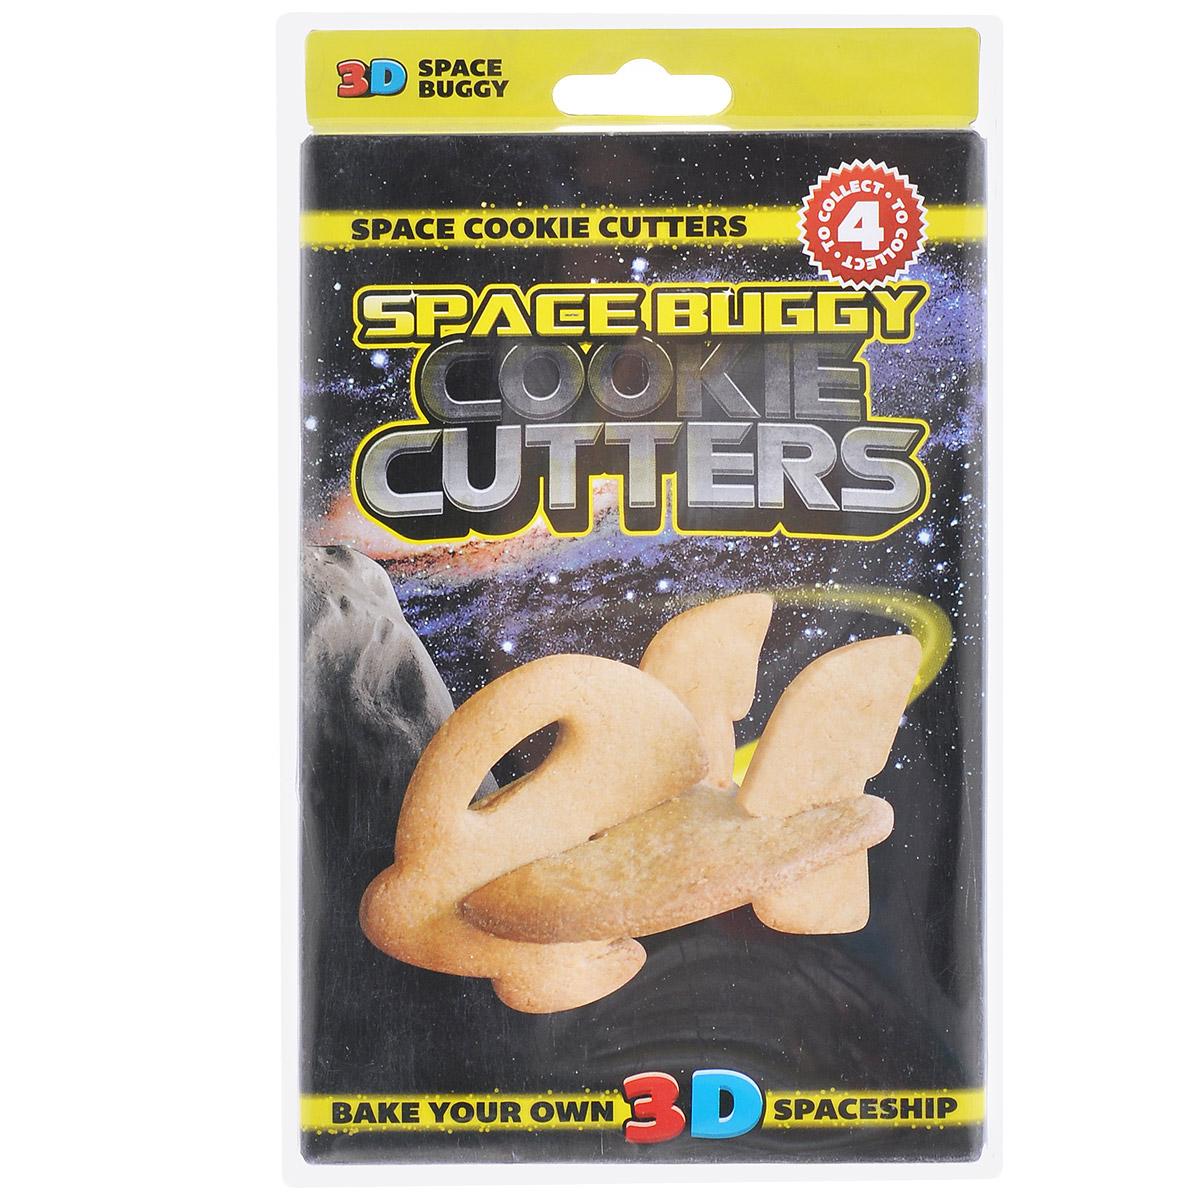 Форма для печенья 3D Suck UK Корабль, цвет: желтыйSK COOKIESPACE43D форма для печенья Suck UK Корабль, изготовленная из высококачественного и прочного пластика, состоит из пяти составных частей, которые позволяют собрать объемную фигуру в виде космического корабля. С такой формой легко и просто вырезать фигурное тесто для приготовления домашнего печенья. Форма для печенья Suck UK Корабль вдохновит вас и вашего ребенка на кулинарные шедевры. Можно мыть в посудомоечной машине. Размер самой большой составной части: 9 см х 8 см. Размер самой маленькой составной части: 4 см х 4 см.